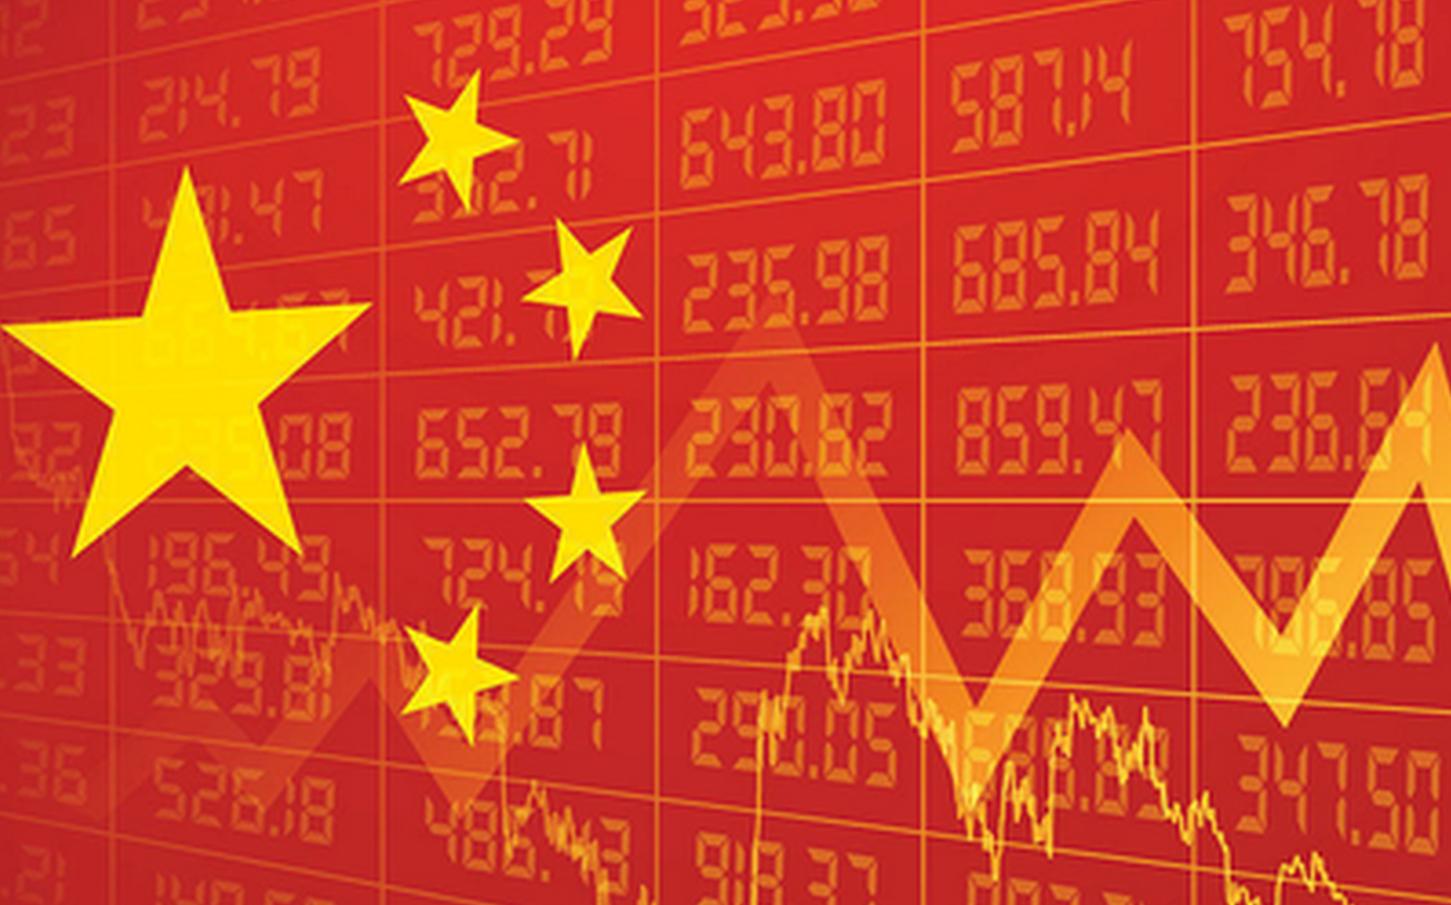 贾康:中国经济亮点纷呈,六条建议乘势向好